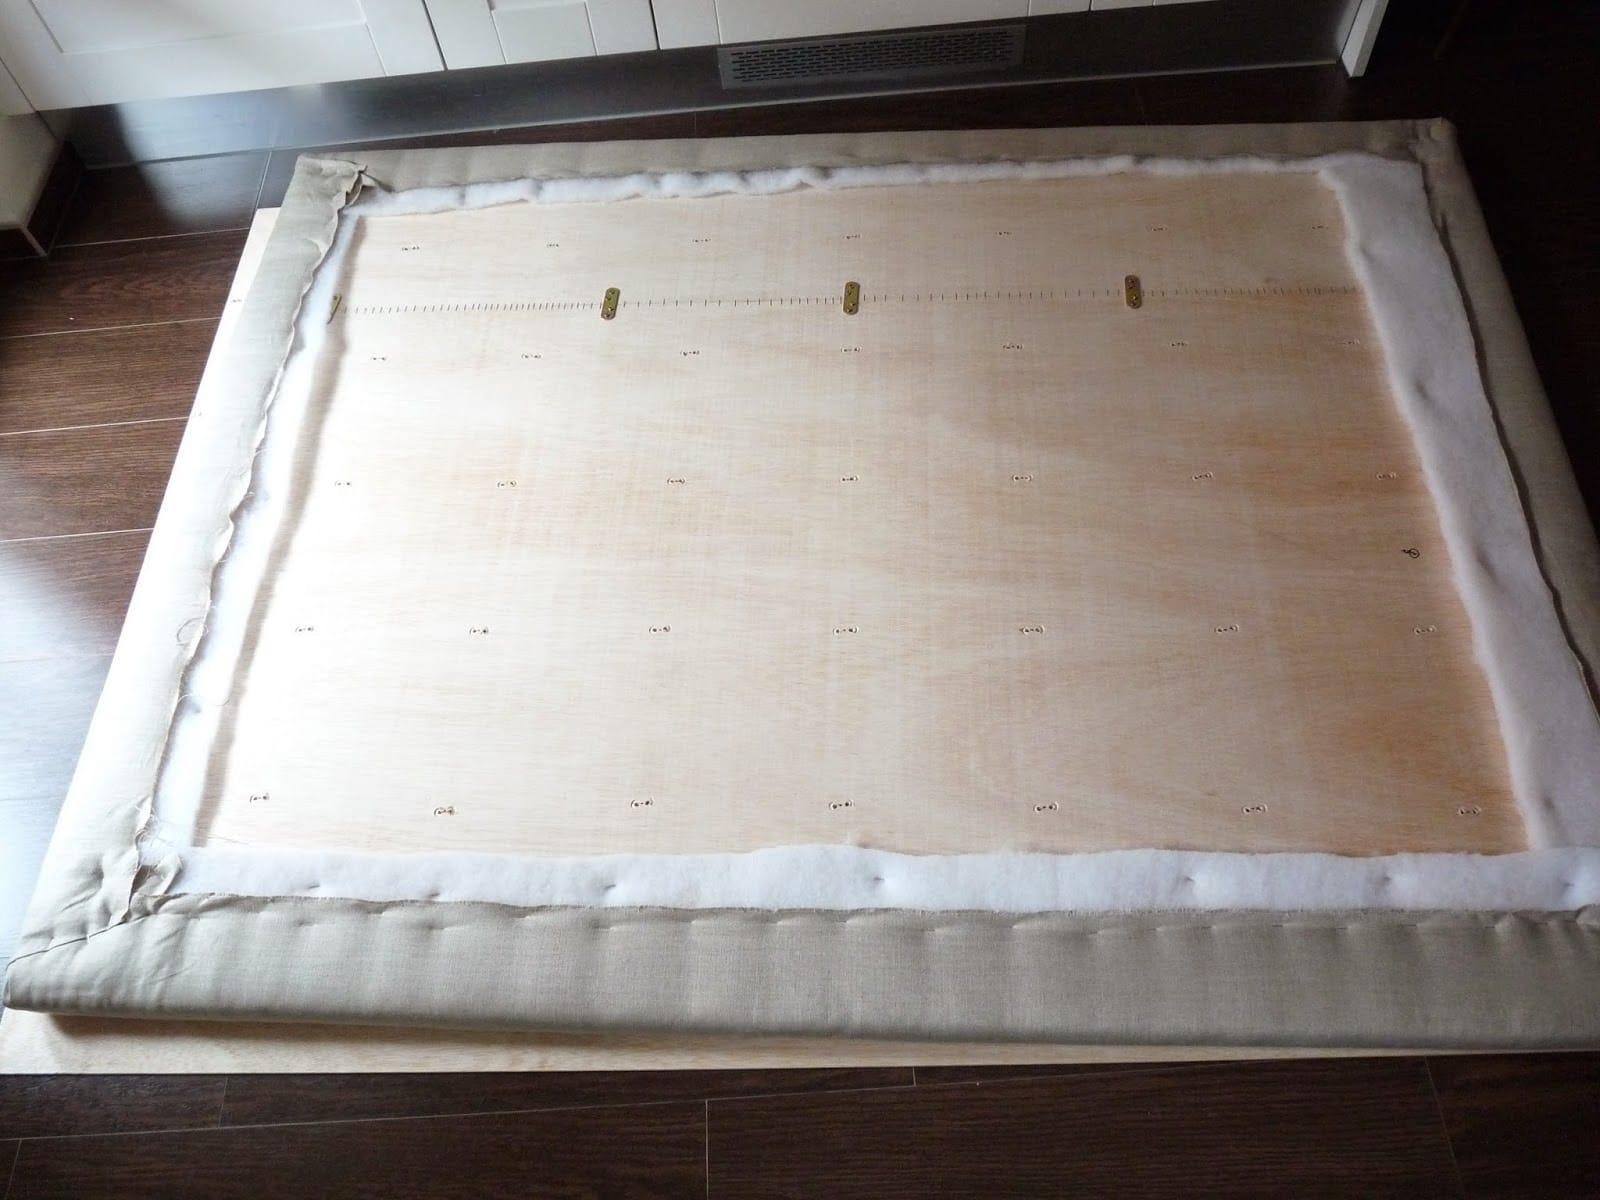 C mo hacer un cabecero barato colch n expr s - Hacer cabecero cama barato ...